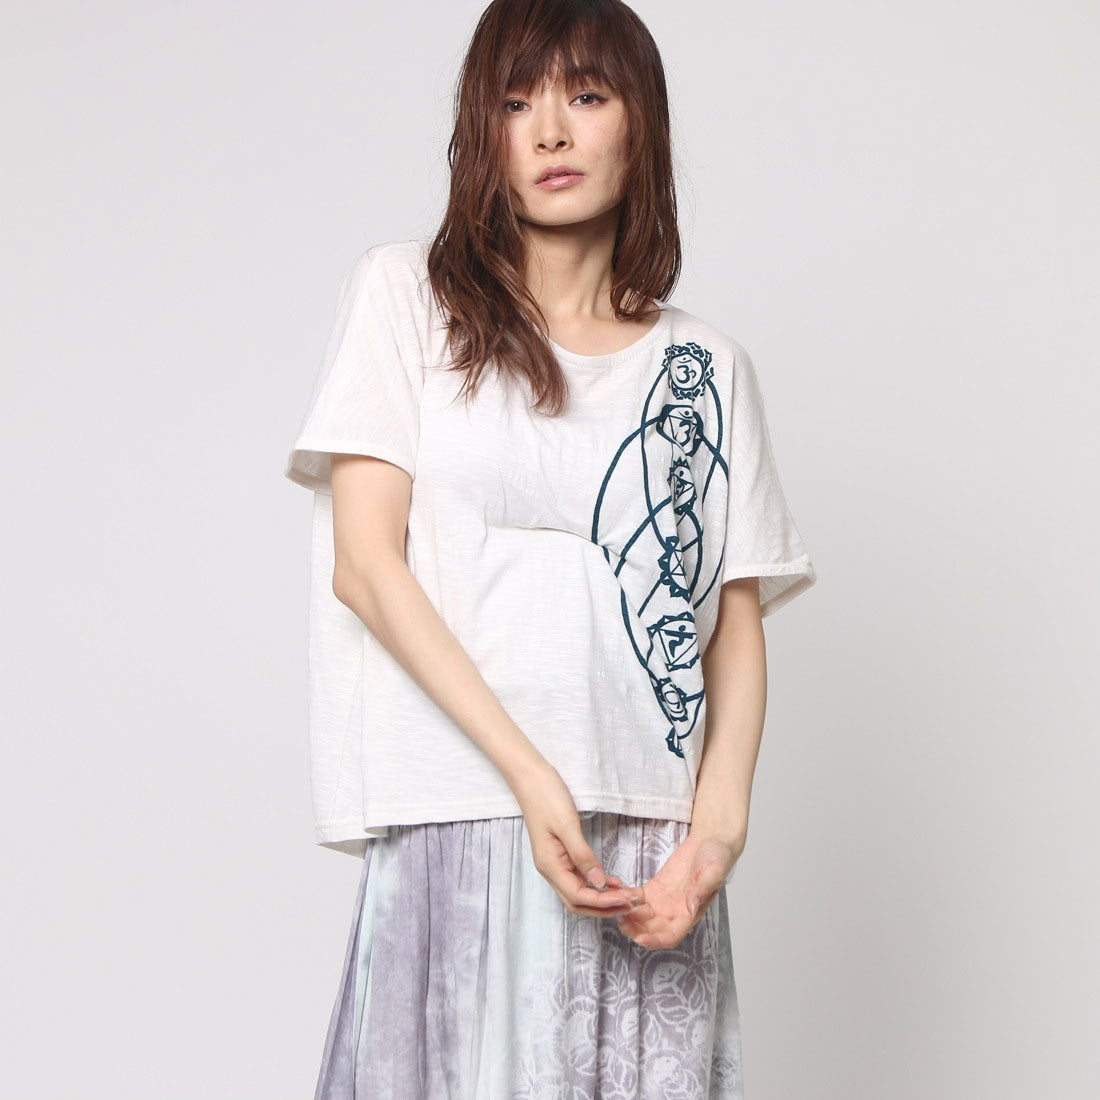 【チャイハネ】yulチャクラTシャツレディースホワイト